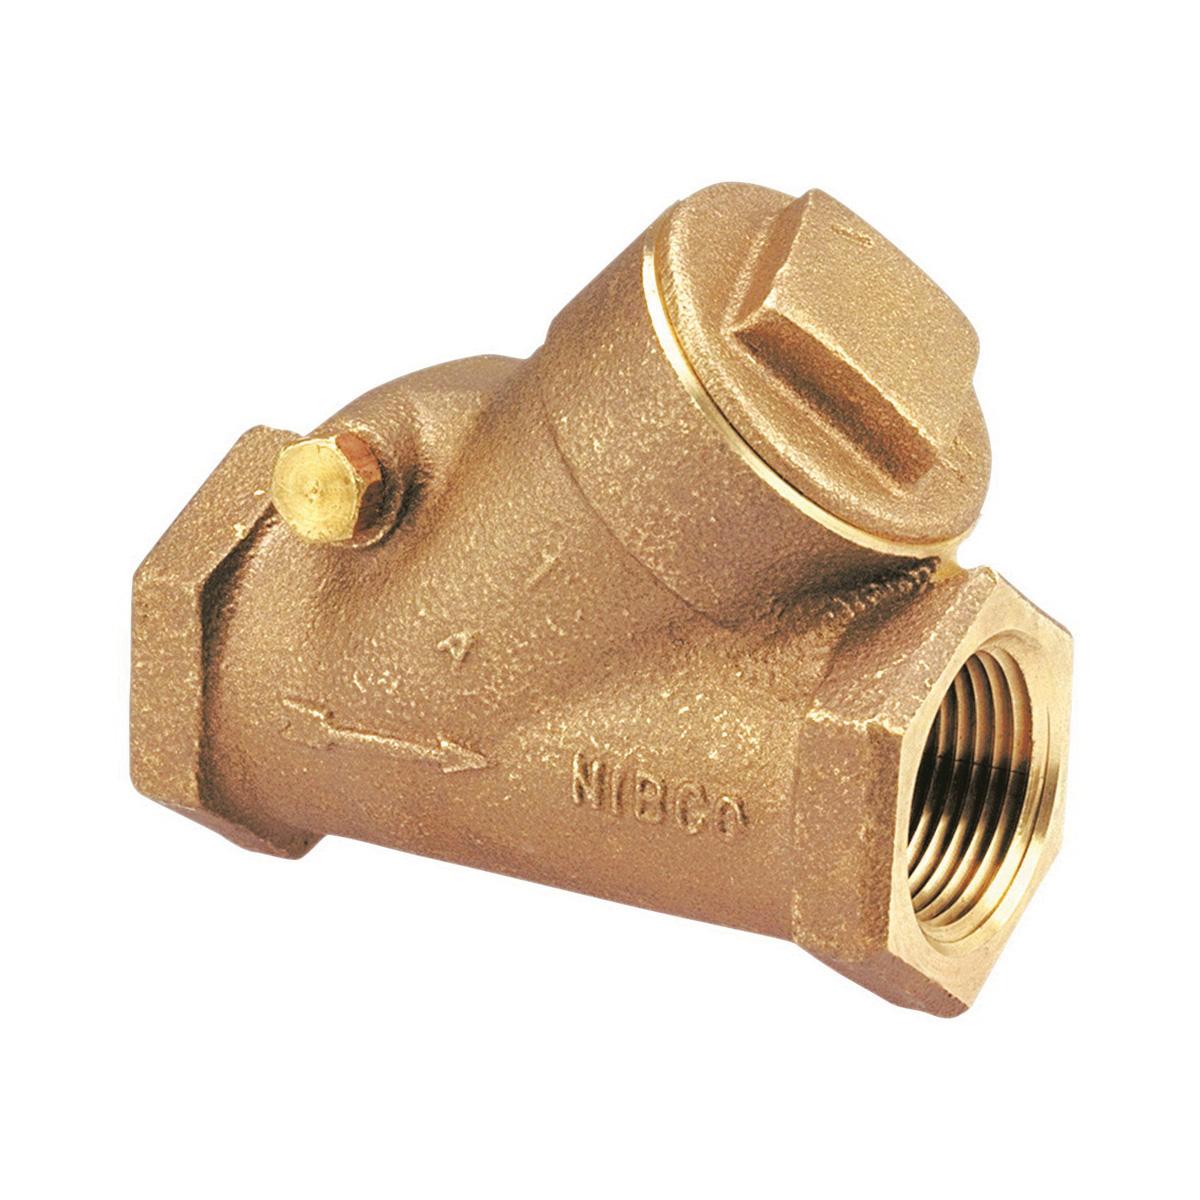 Nibco® NL9200C